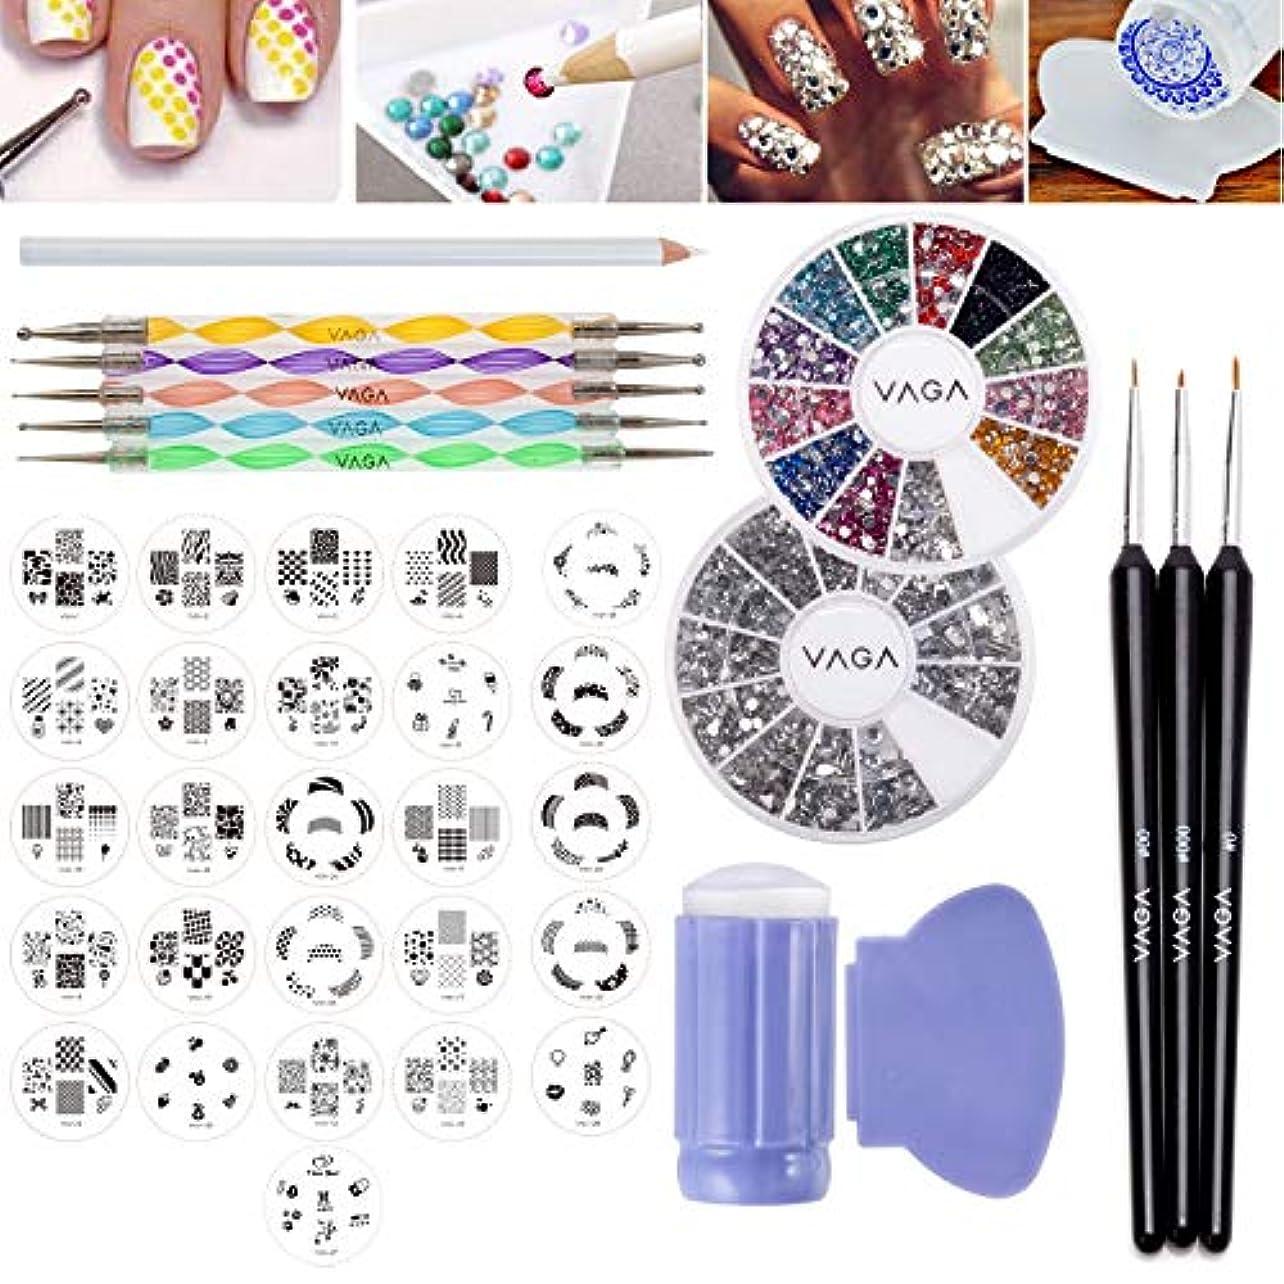 申請中わずらわしい工夫するネイルアートデザインは、合計160パターンの26個のスタンププレート、異なる形状の1200シルバー宝石のホイールと1200クリスタル/宝石12色、スタンパー/スタンプ、スクレーパー/スクレイピングアクセサリー、ドッター/...